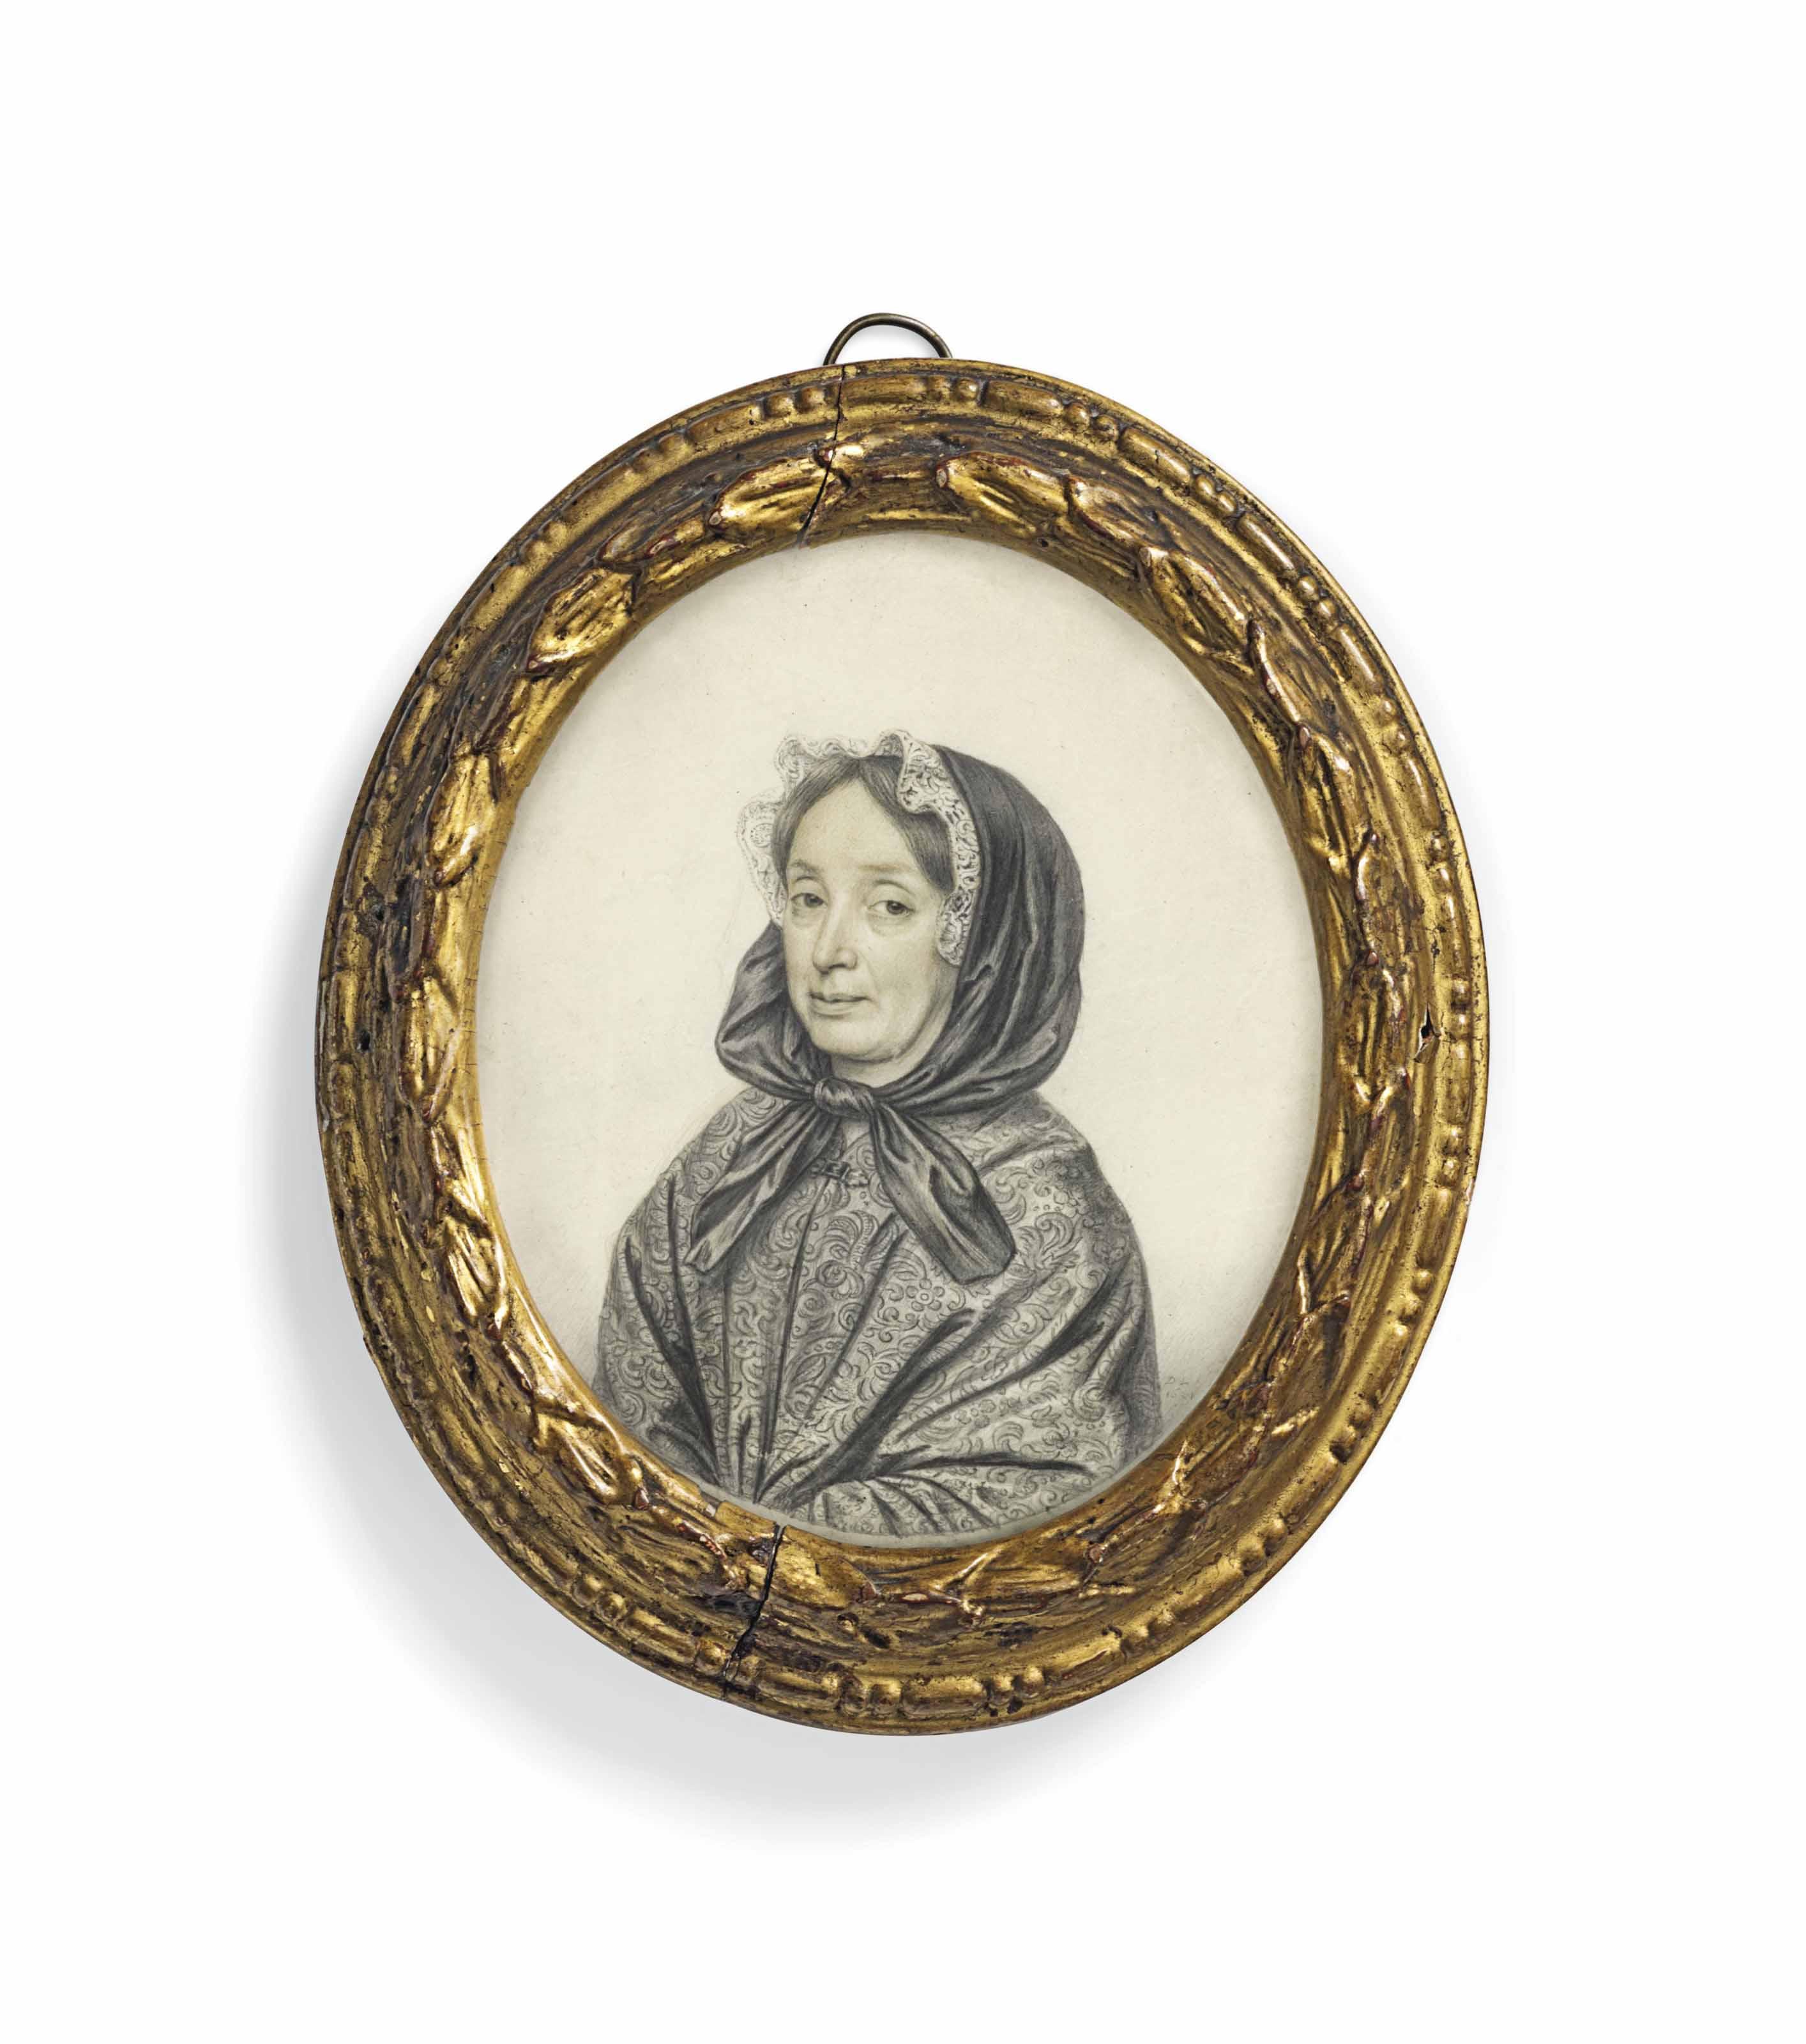 DAVID LOGGAN (BRITISH, 1635-1692)